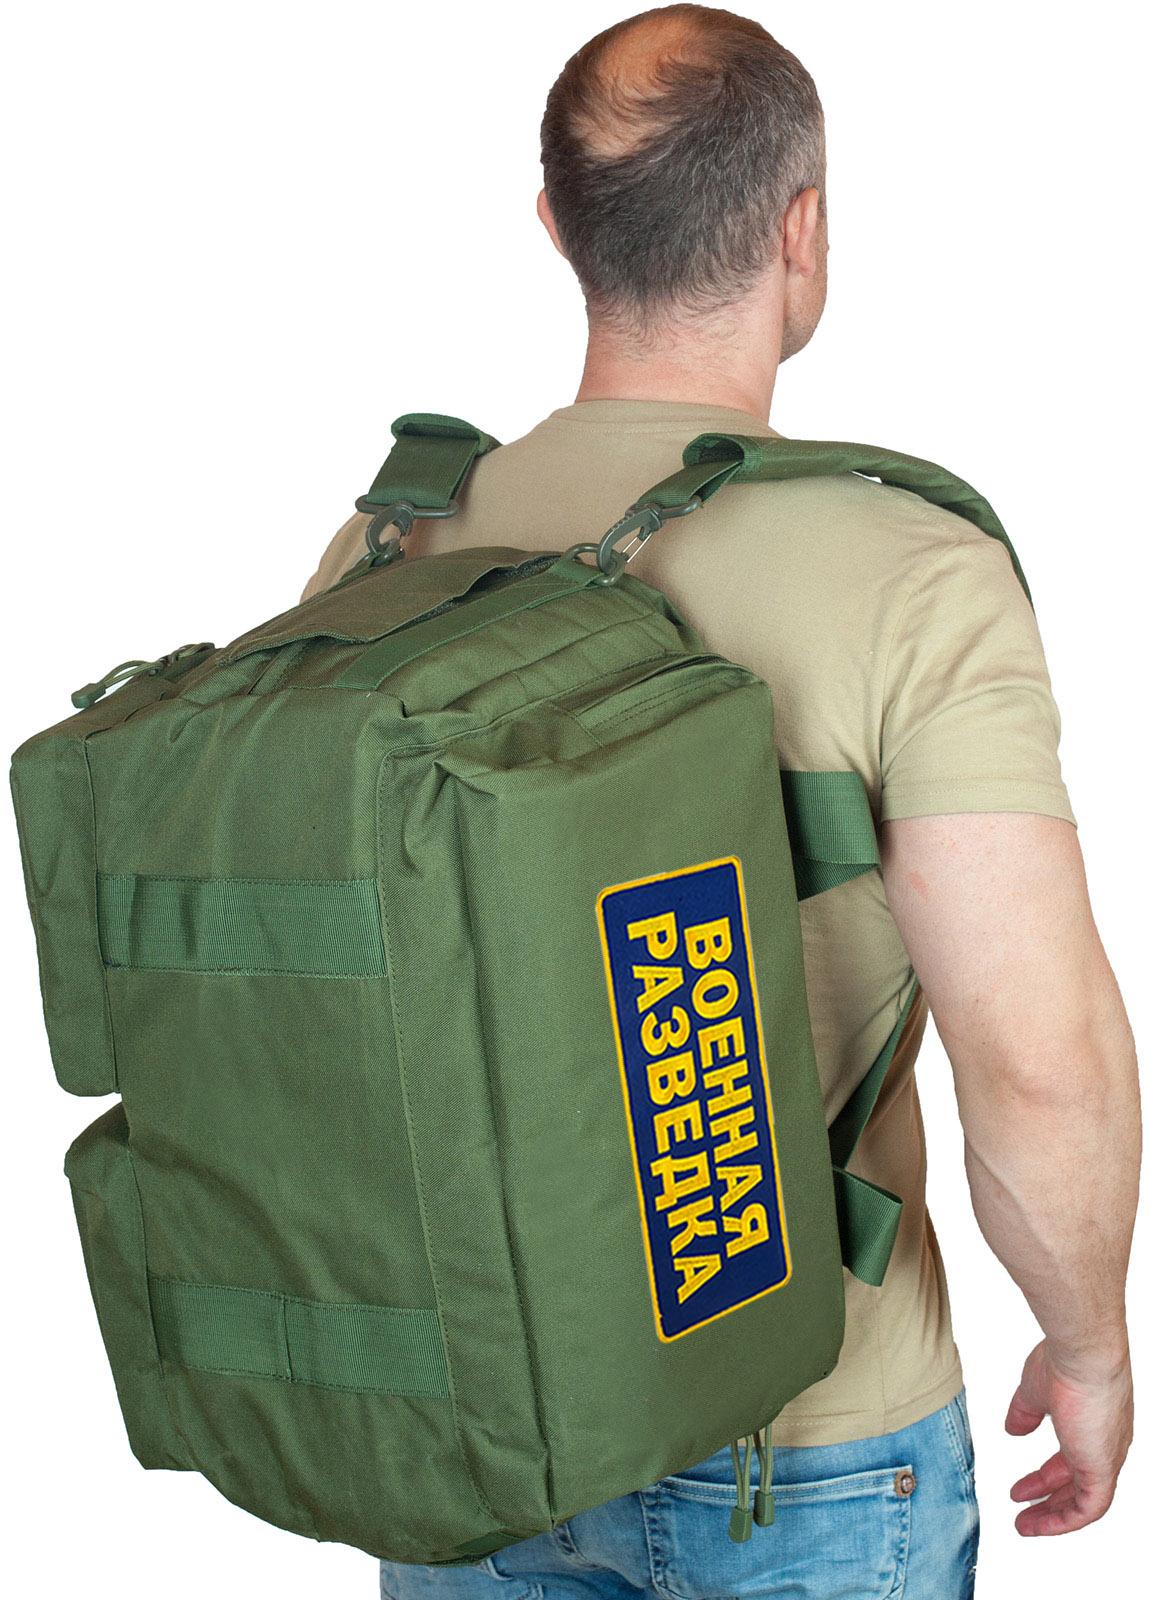 Продажа по Москве и России качественного тактического снаряжения: сумки и рюкзаки разведчиков